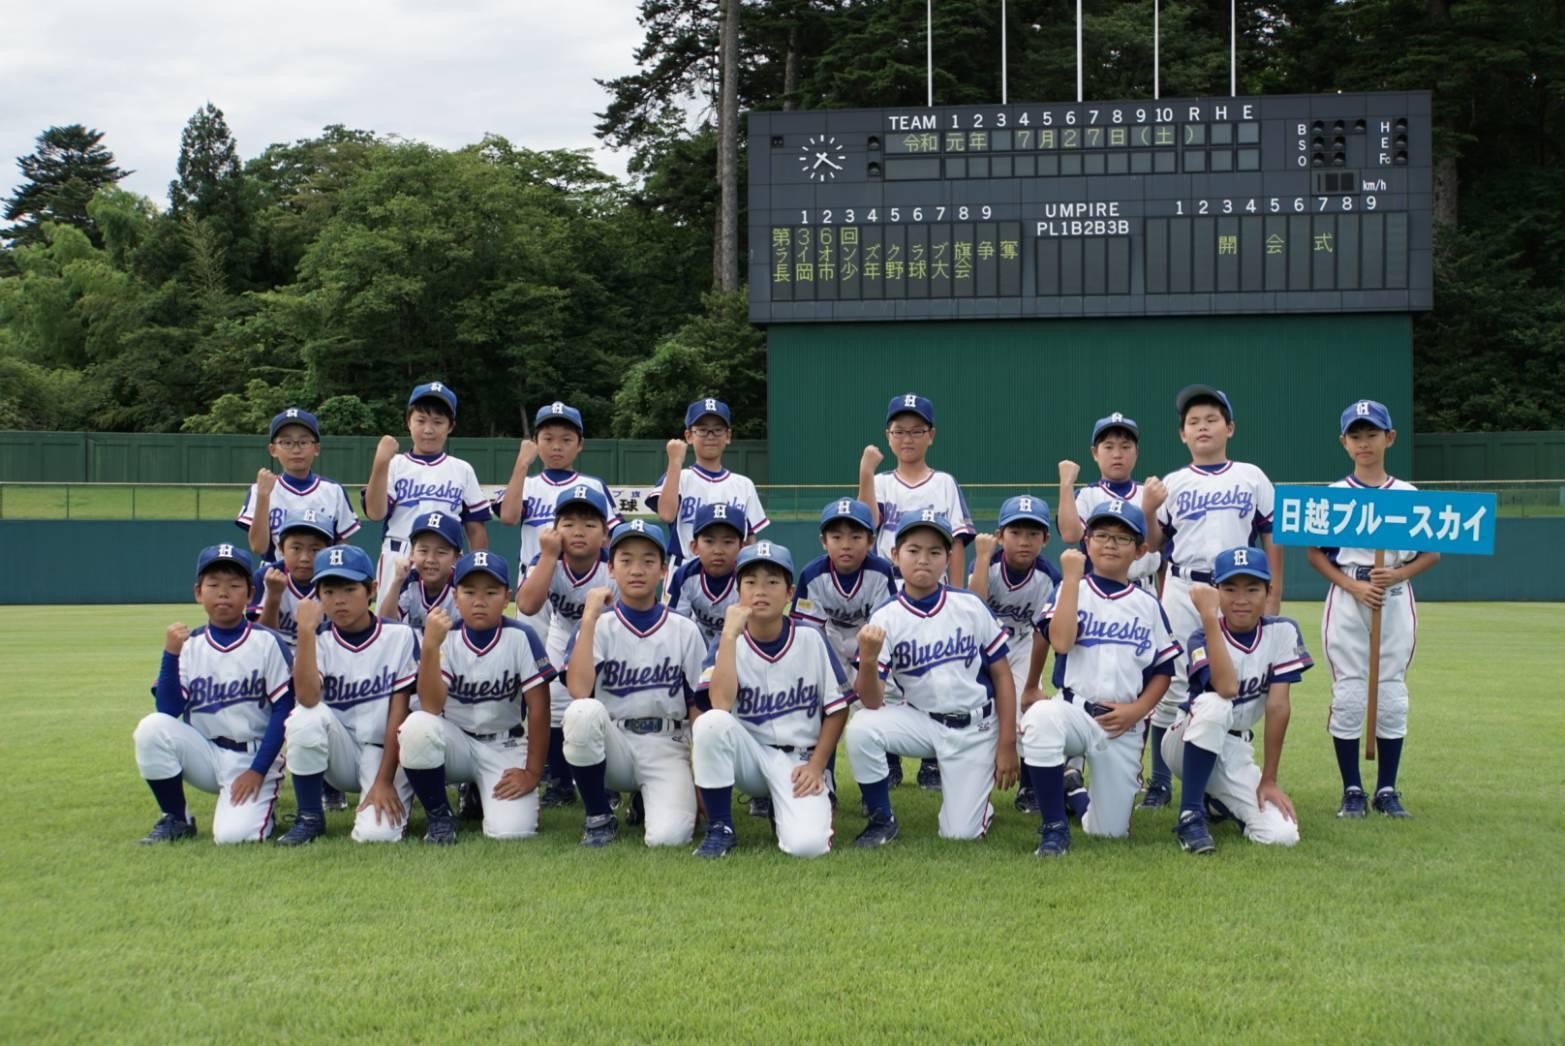 第36回ライオンズクラブ旗争奪長岡市少年野球大会結果です!_b0095176_09001759.jpeg